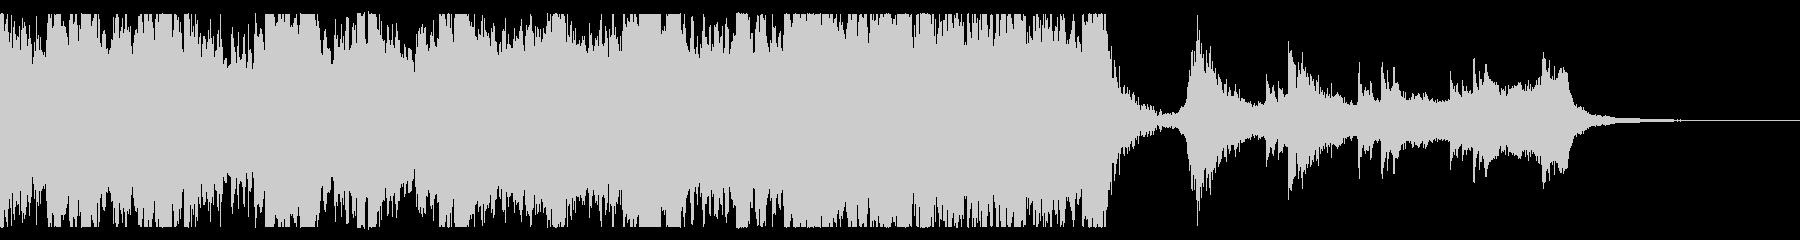 ハリウッド映画風の壮大オーケストラ12Cの未再生の波形